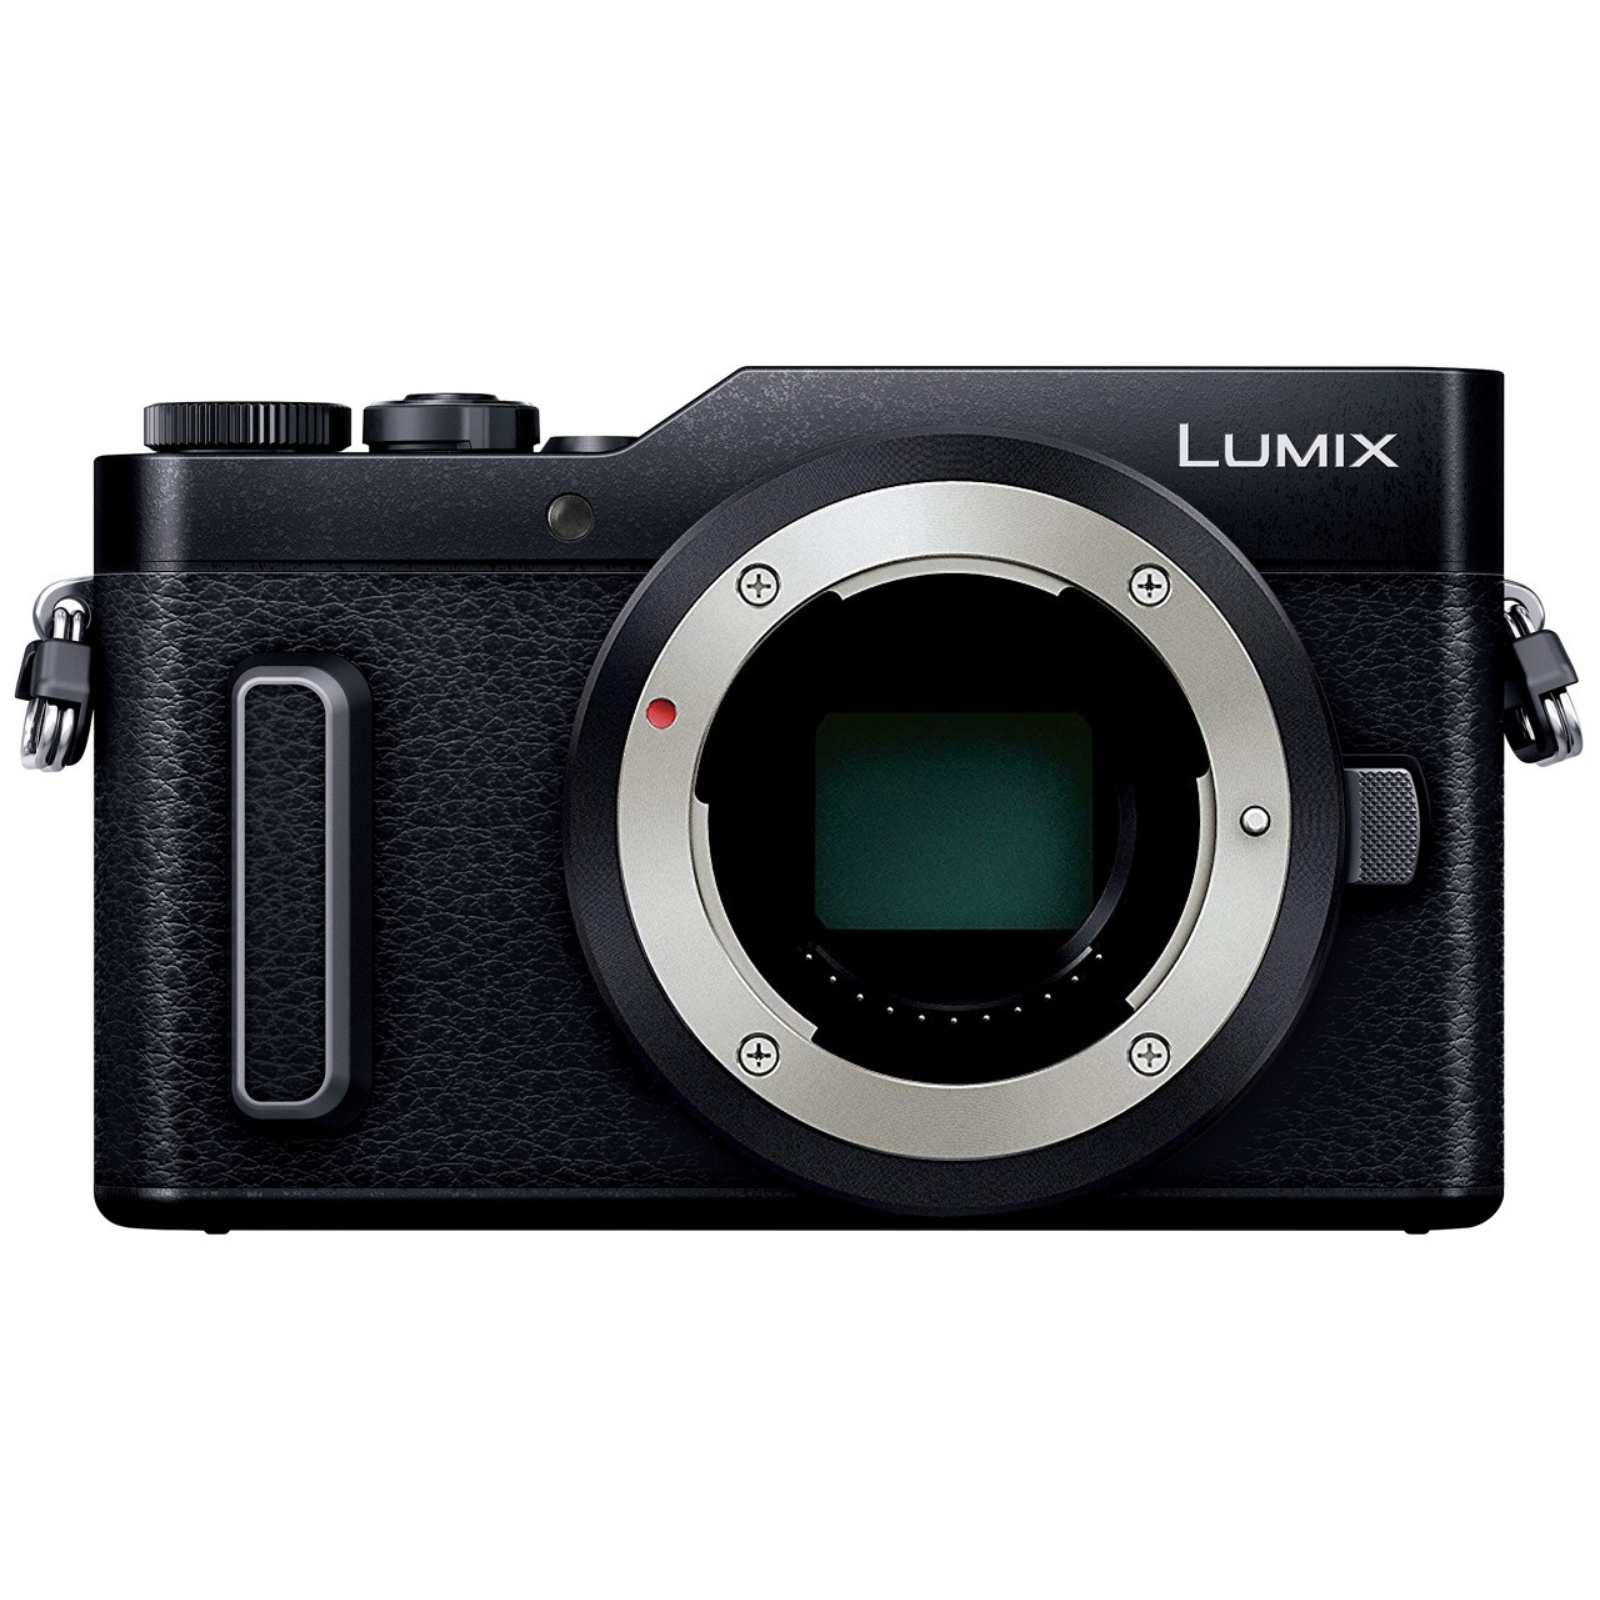 Panasonic パナソニック ミラーレス一眼カメラ ルミックス GF10 ボディ ブラック 新品